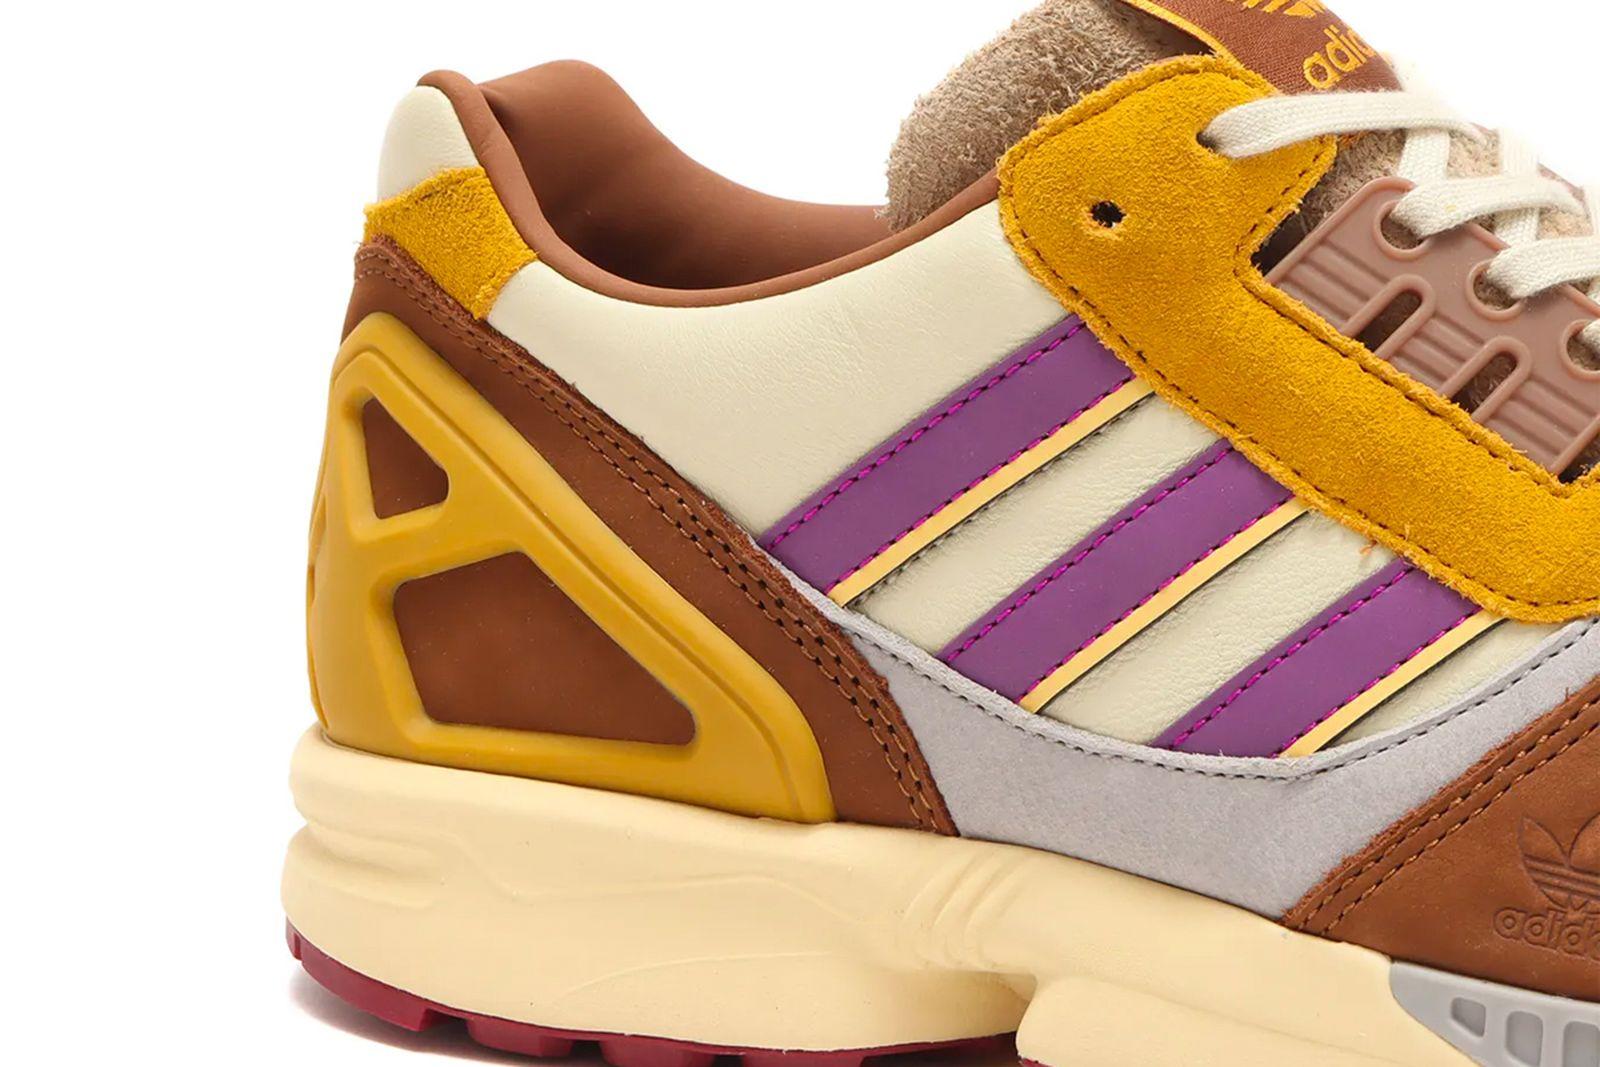 adidas-originals-atmos-yoyogi-park-pack-06